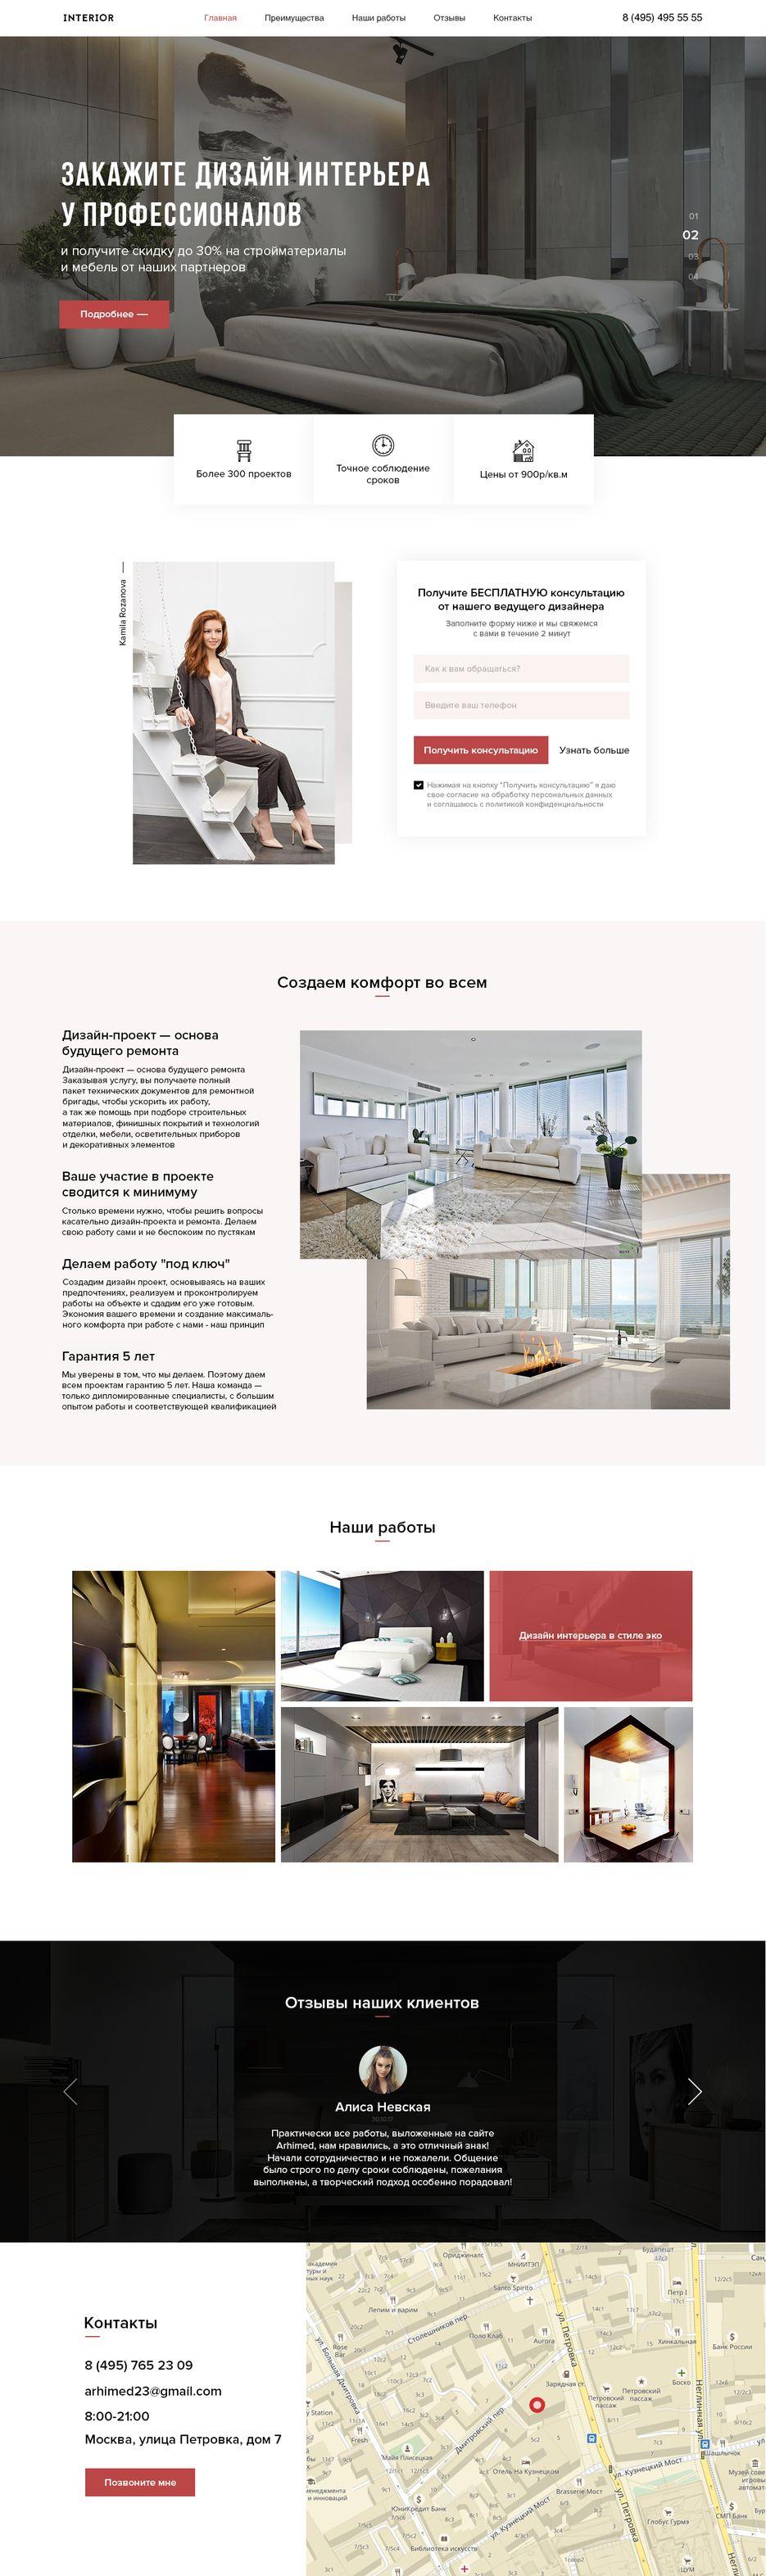 Фото Одностраничка для компании дизайнеров интерьера.